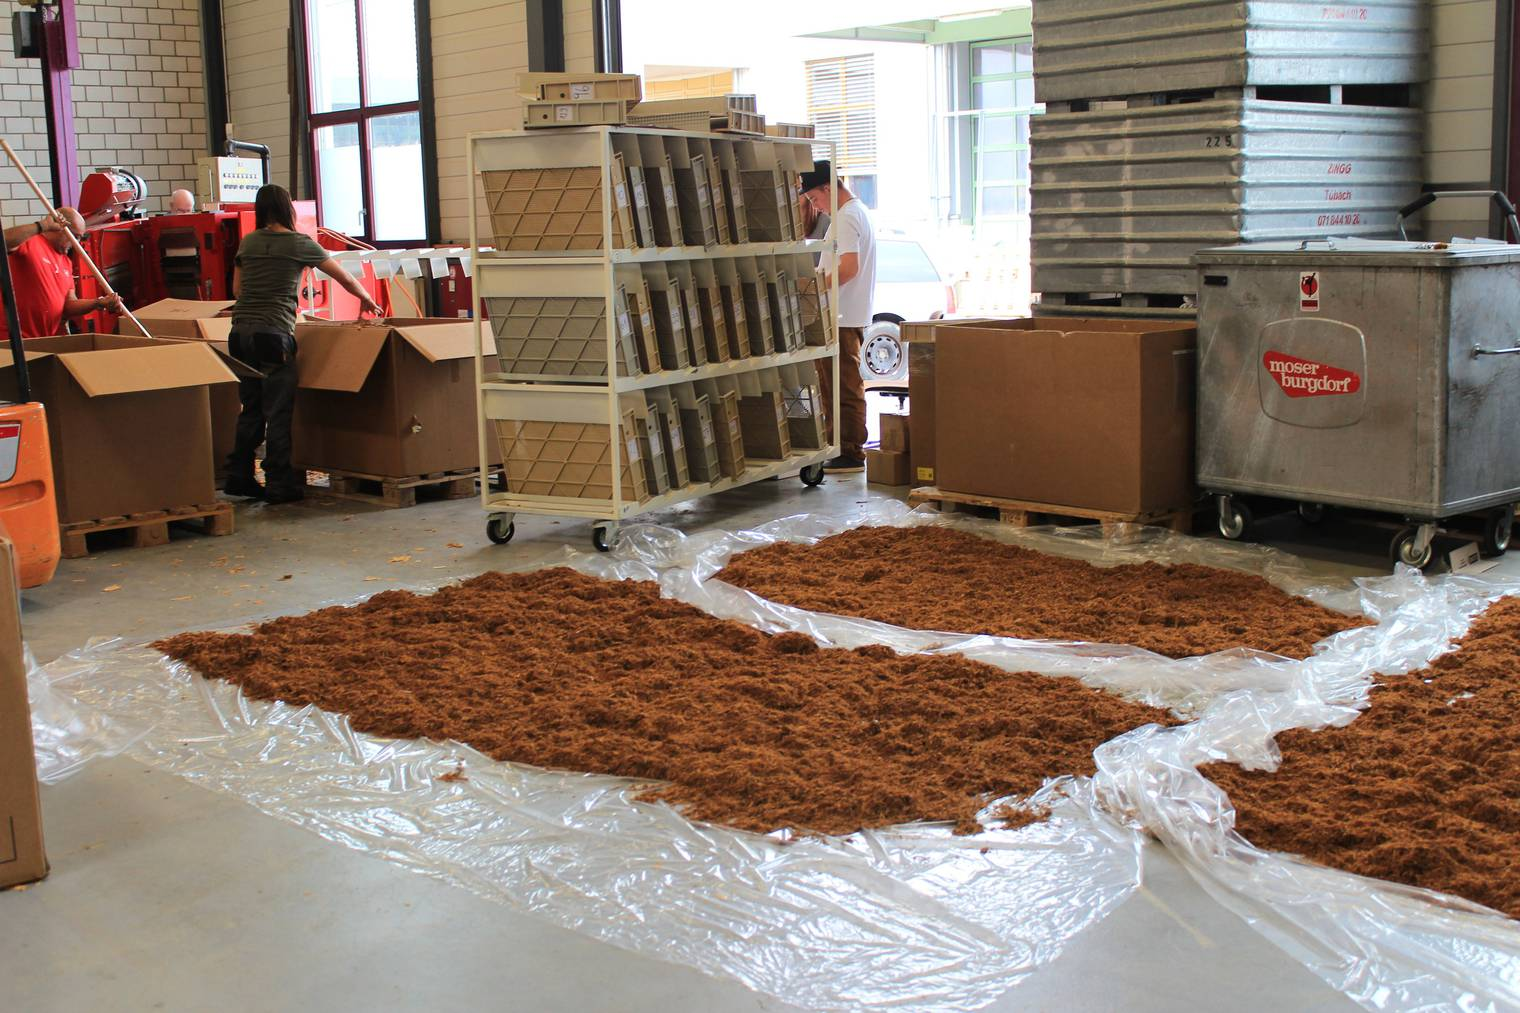 Der Tabak wird zum Trocknen ausgelegt (Bild: FM1Today/Lara Abderhalden).